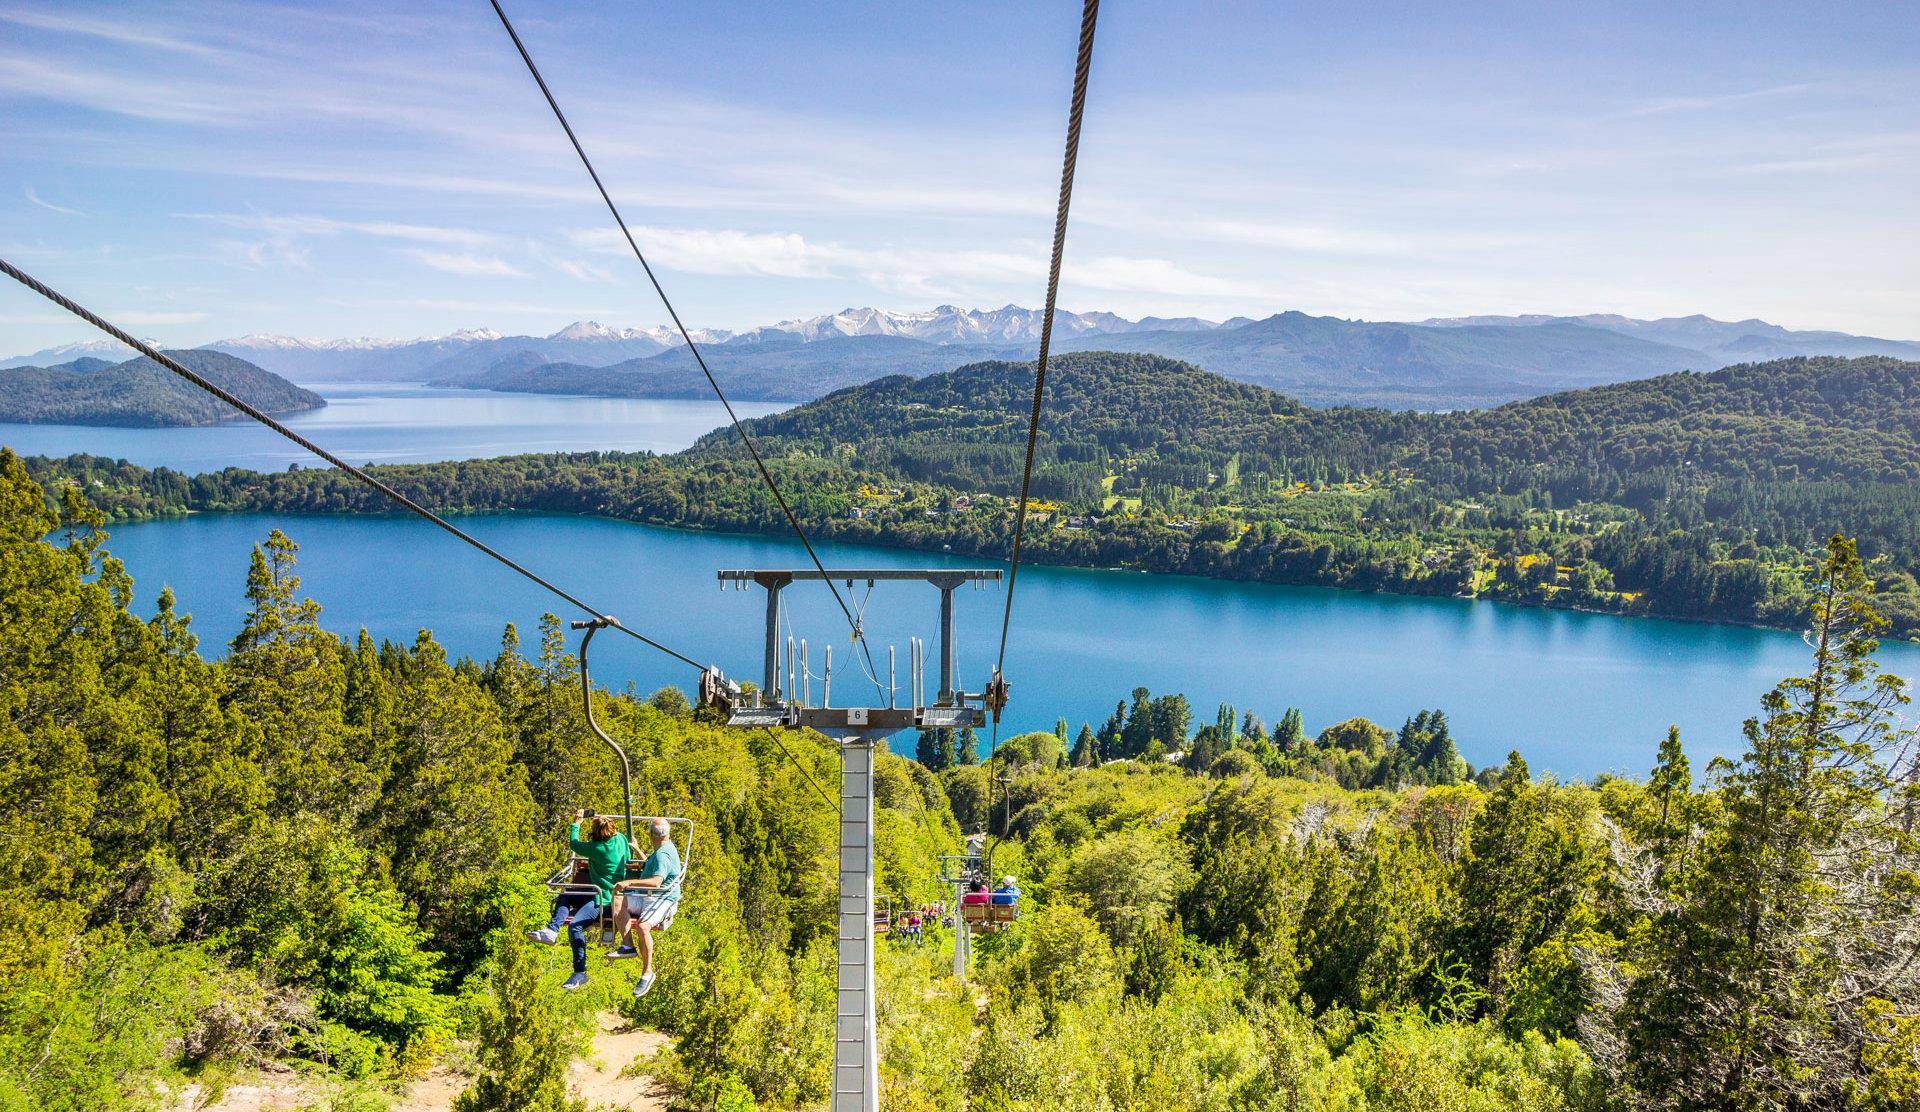 Bariloche erinnert mit seiner Bergkulisse und Sesselliften an das Schweizer Alpenpanorama. Quelle: Viventura